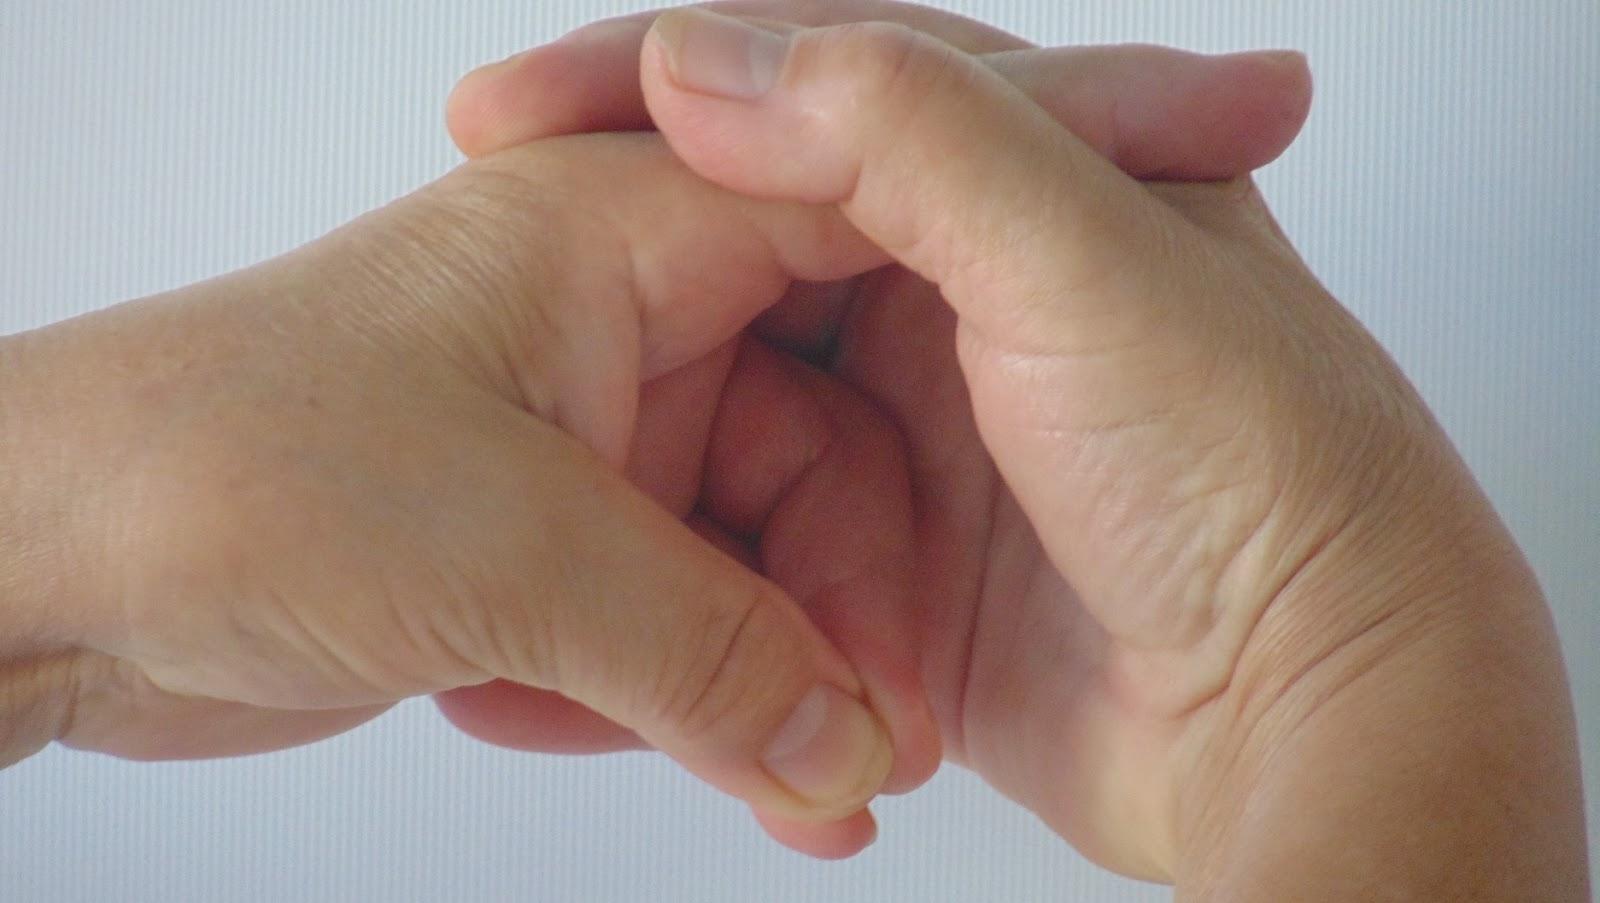 Ízületi fájdalom, izomrángás, zöldes köpet :: Keresés - InforMed Orvosi és Életmód portál ::